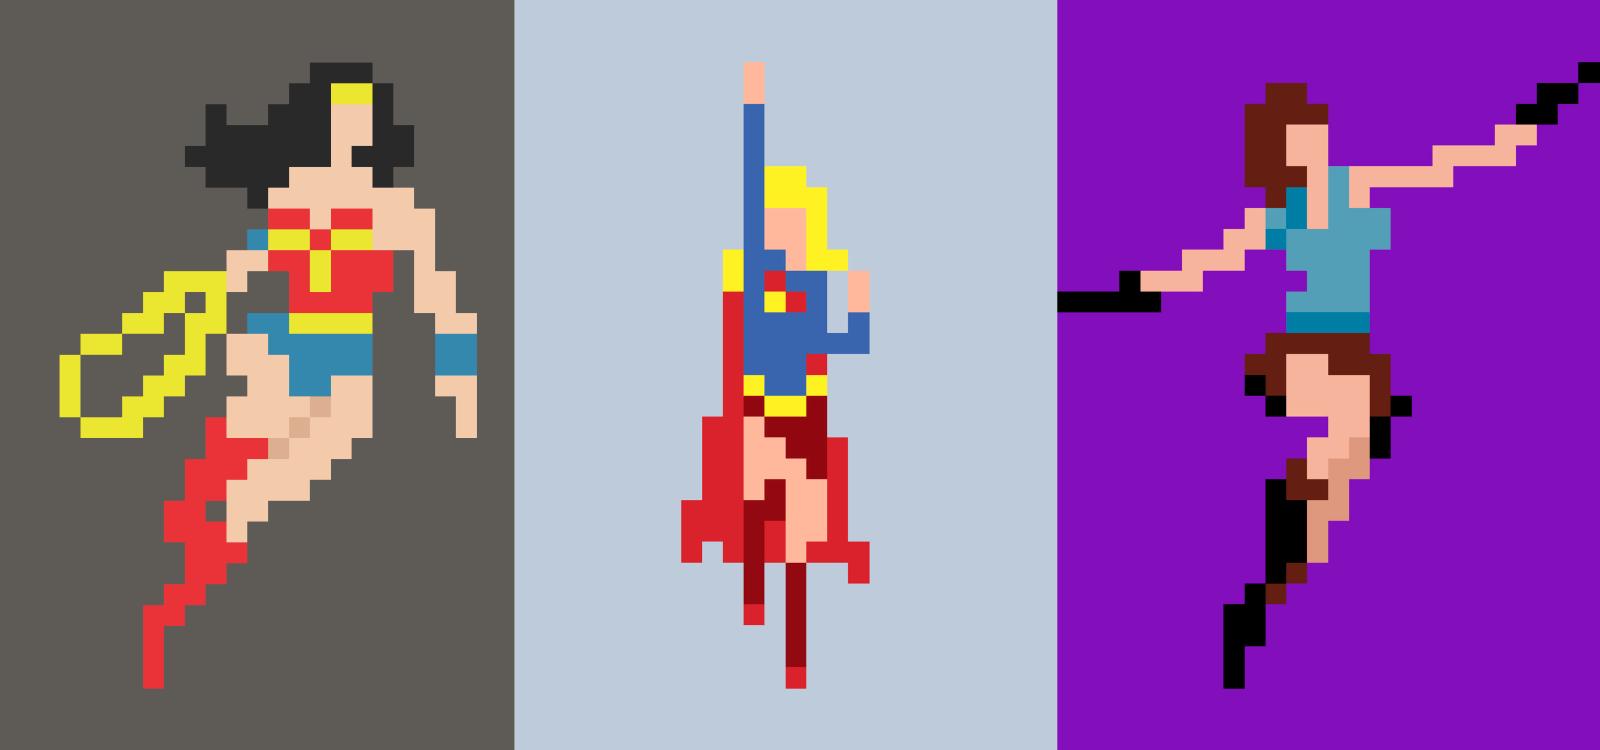 En limiterad upplaga av pixlade, kvinnliga superhjältar. Ett projekt där Magnus Frederiksen jobbade för att behålla karaktären, med så få och väl avvägda pixlar som möjligt. Illustration: Magnus Frederiksen.